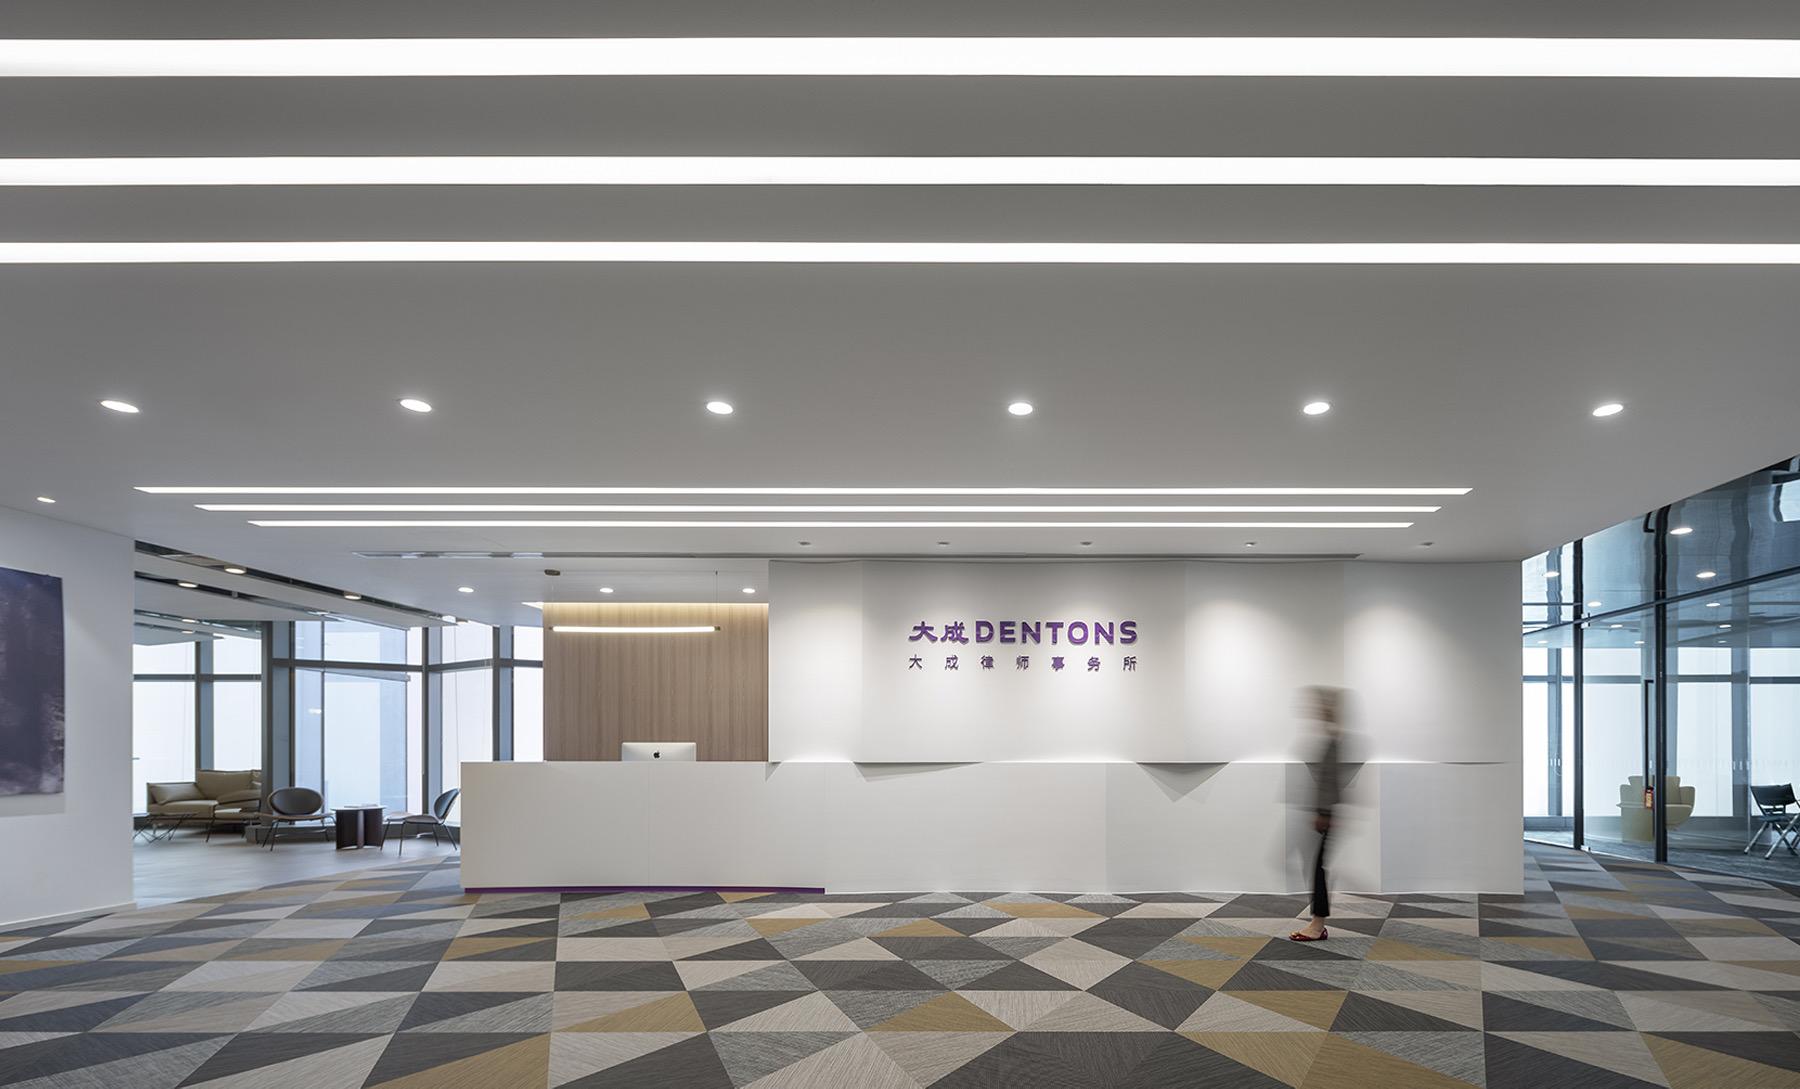 dentons-office-china-1